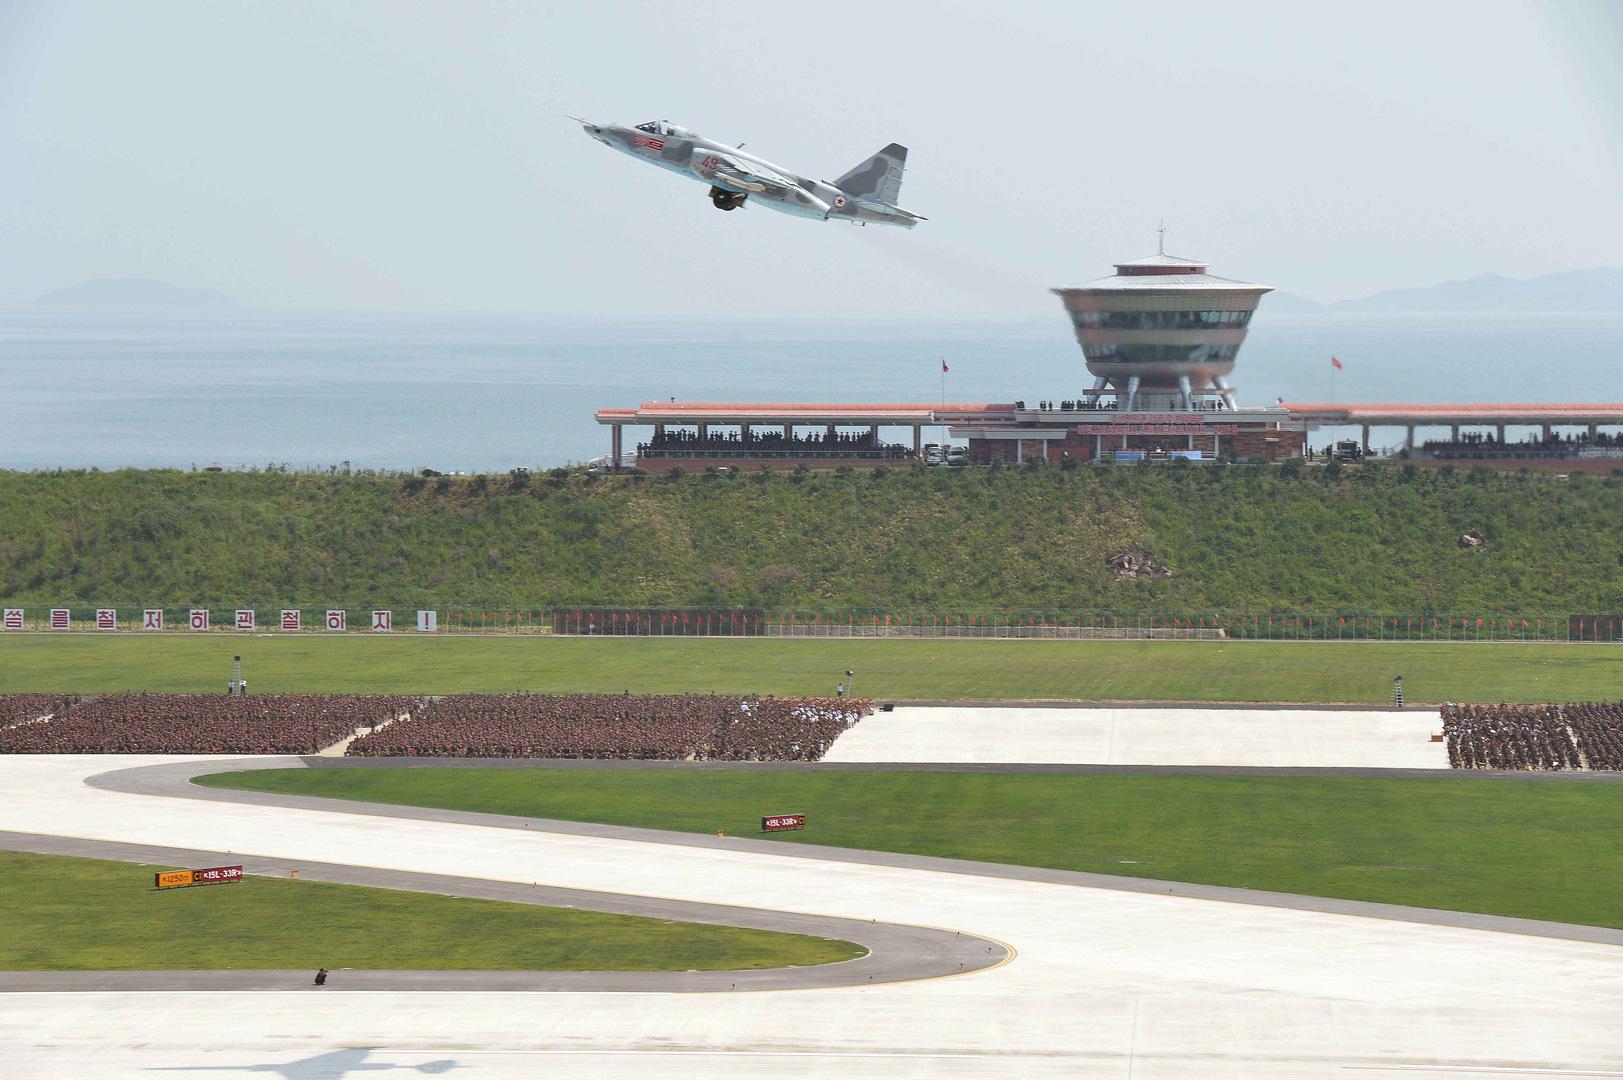 كوريا الشمالية تحشد مقاتلاتها على الحدود مع جارتها الجنوبية